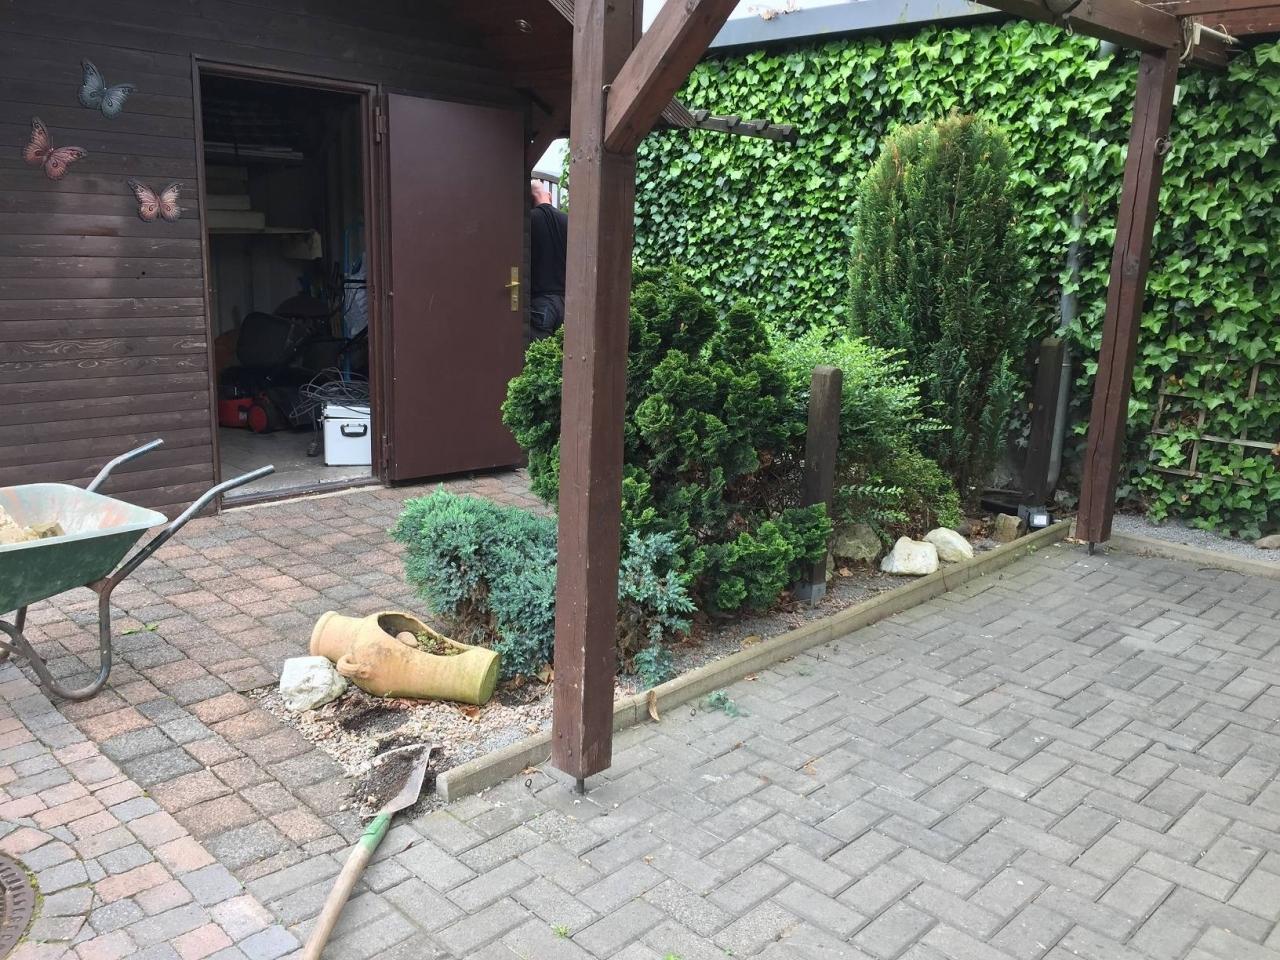 Steine Für Außenküche : Aussenküche & terrasse bauanleitung zum selberbauen 1 2 do.com